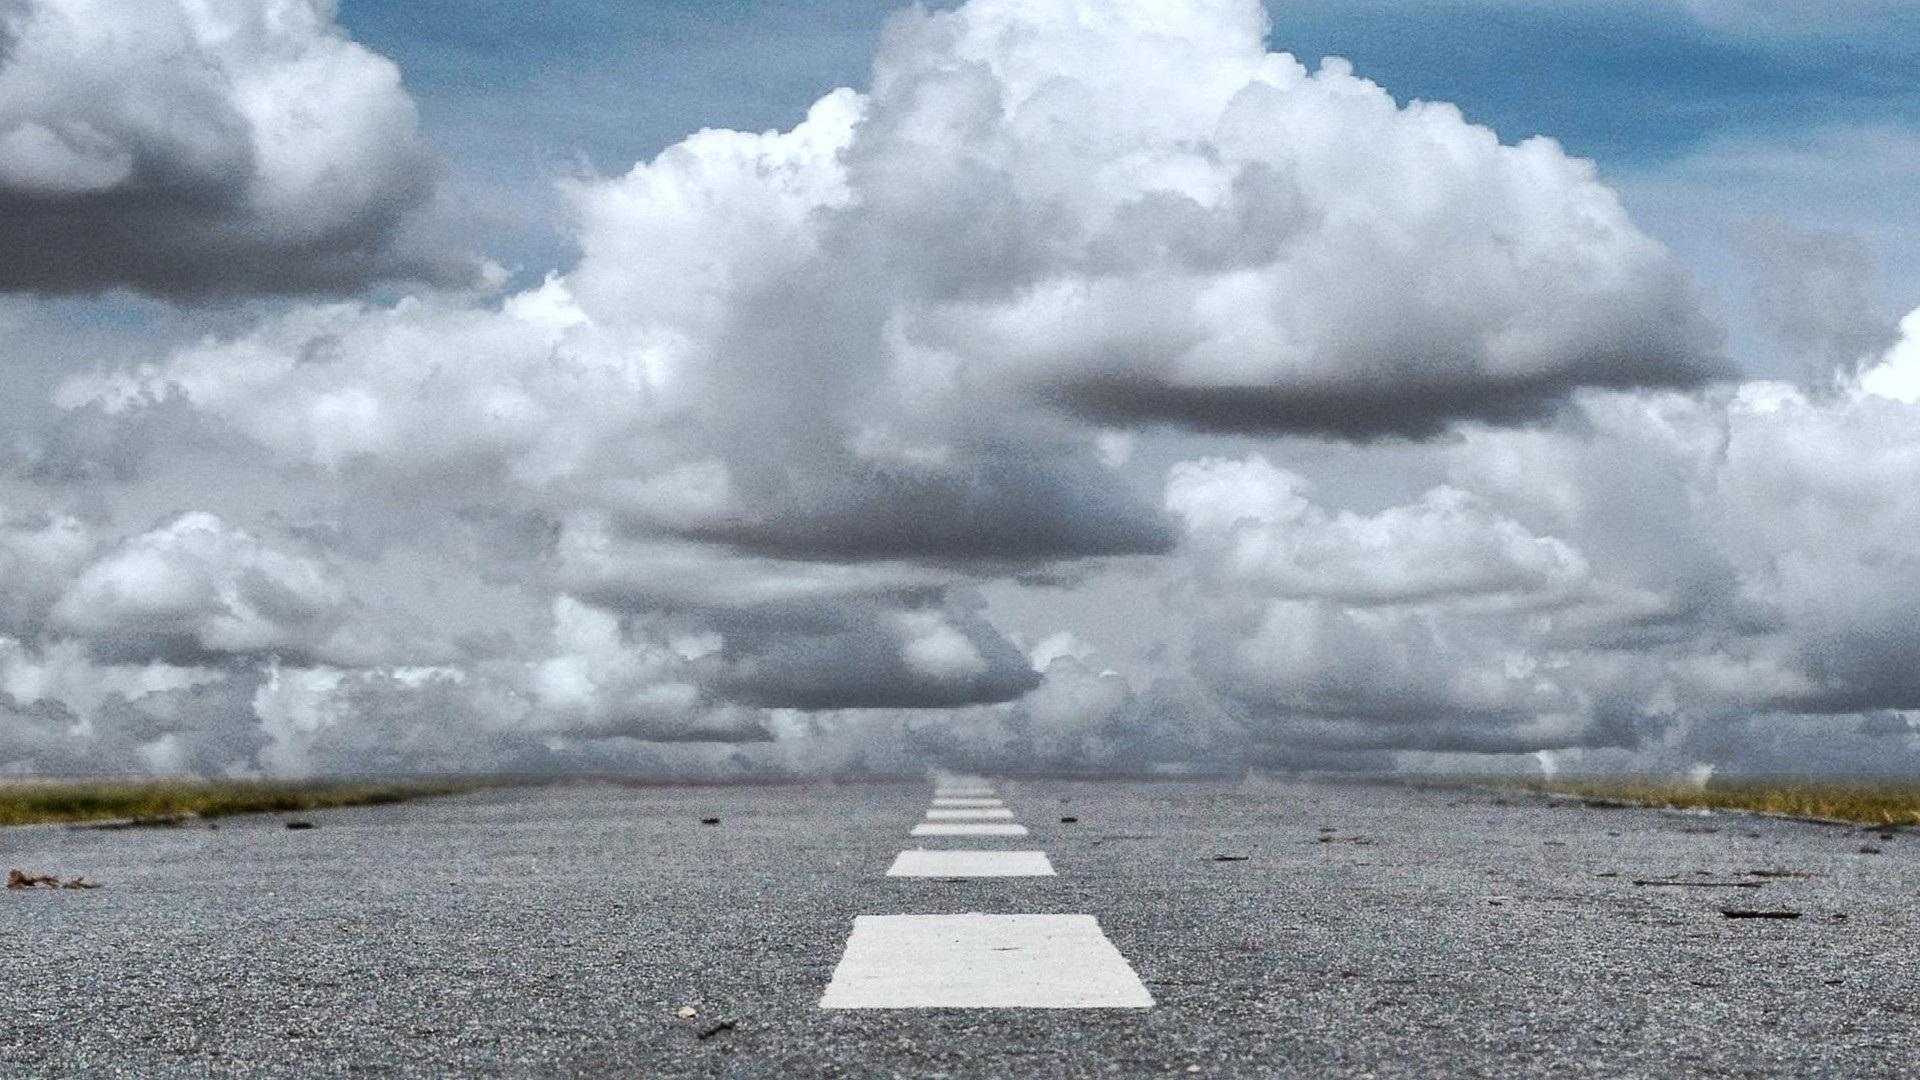 La única opción para muchos después de la pandemia está en la nube